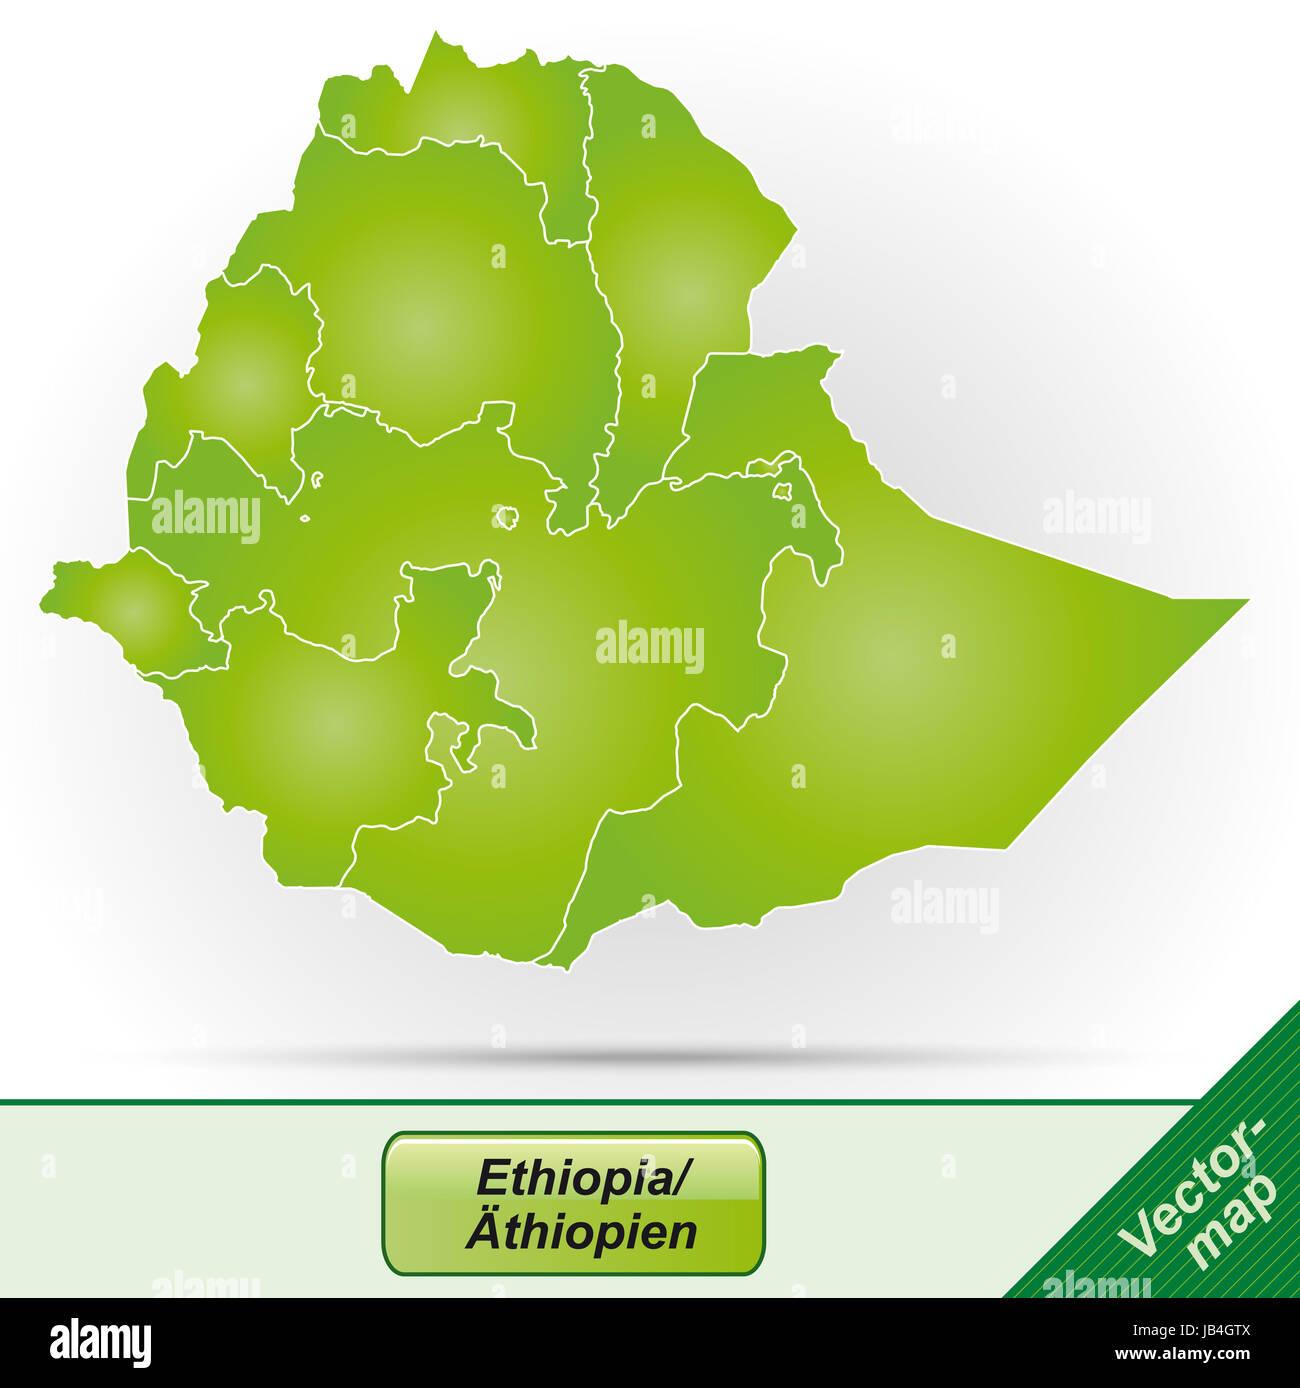 Äthiopien in  Afrika als Grenzkarte mit Grenzen in Grün. Durch die ansprechende Gestaltung fügt sich - Stock Image